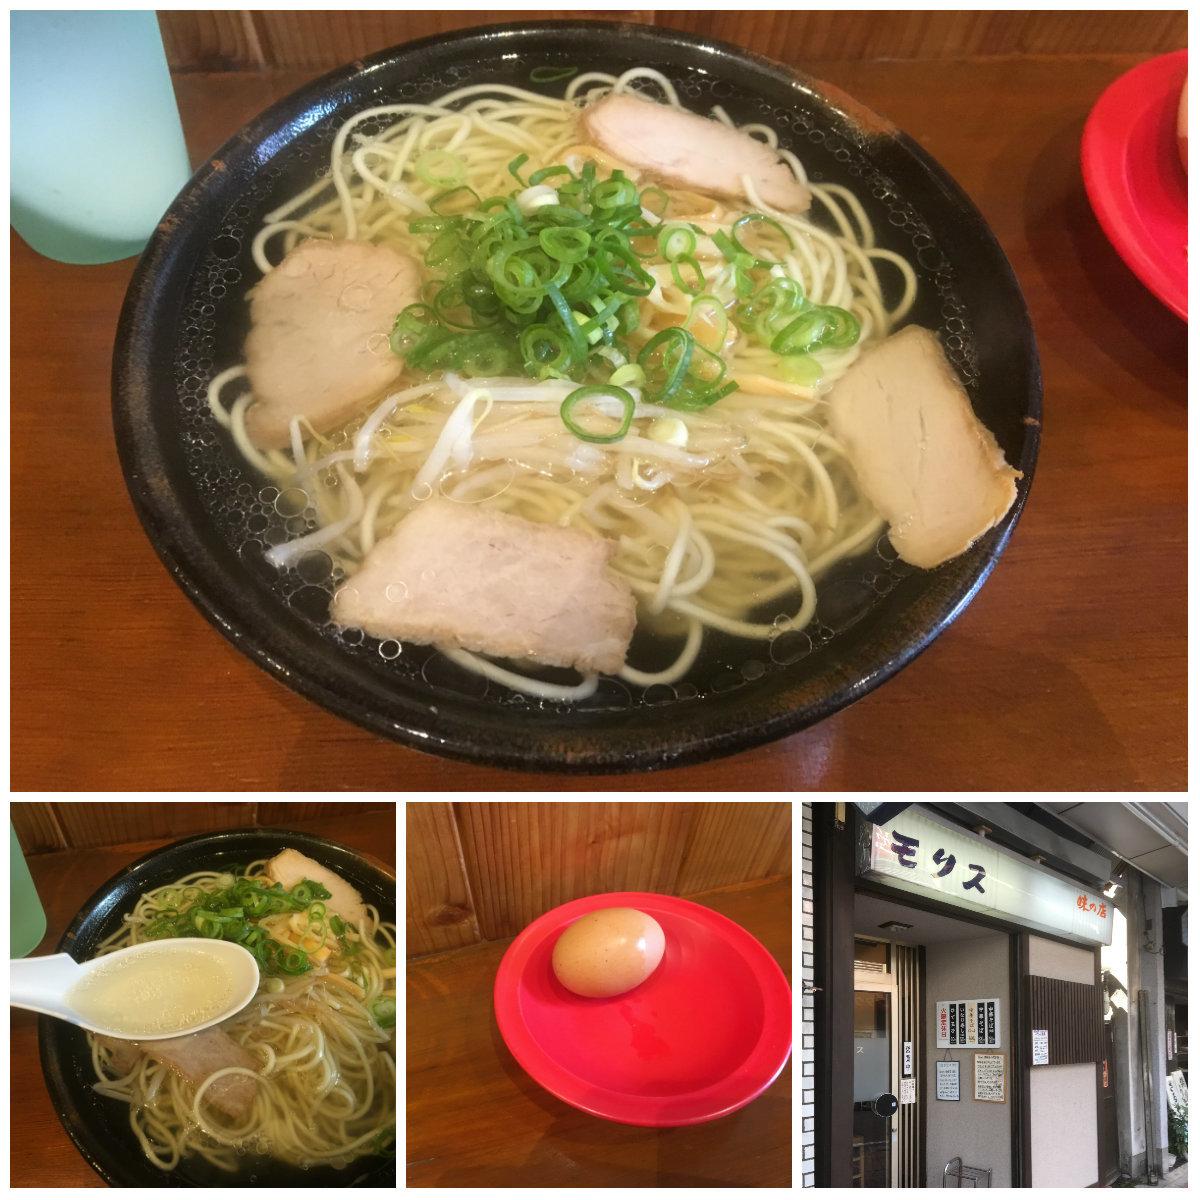 【広島・呉市】で愛される人気ラーメン店5軒!透明スープの中華そばから個性抜群の平打ち麺など。